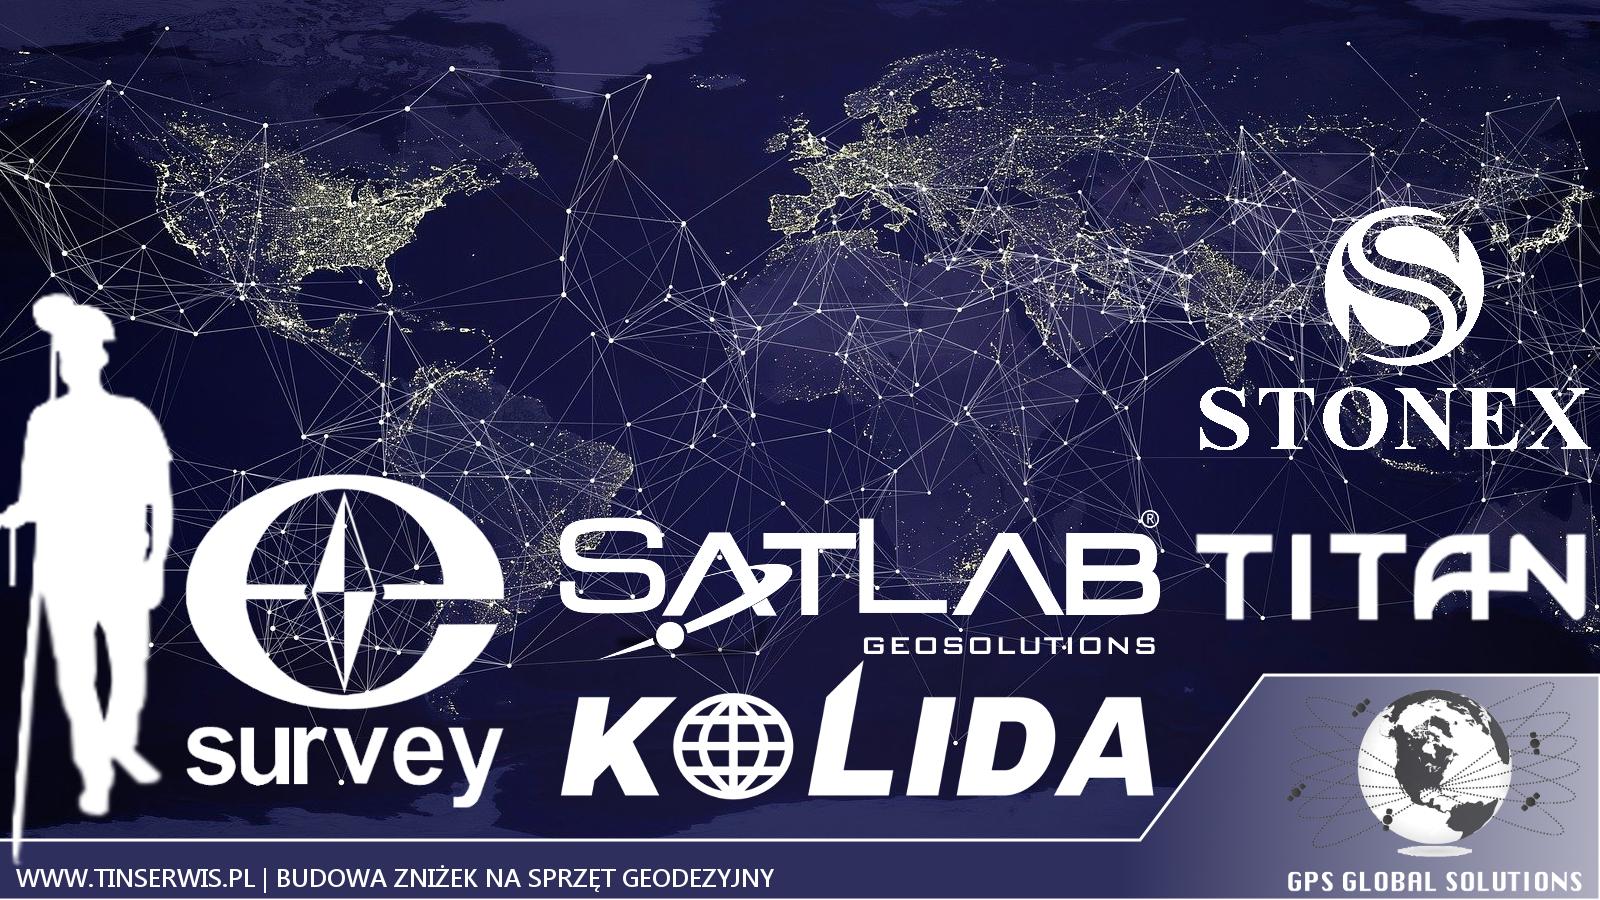 promocje na sprzęt geodezyjny, budowa zniżek na sprzęt geodezyjny marki: satlab, titan, stonex, e-survey, kolida